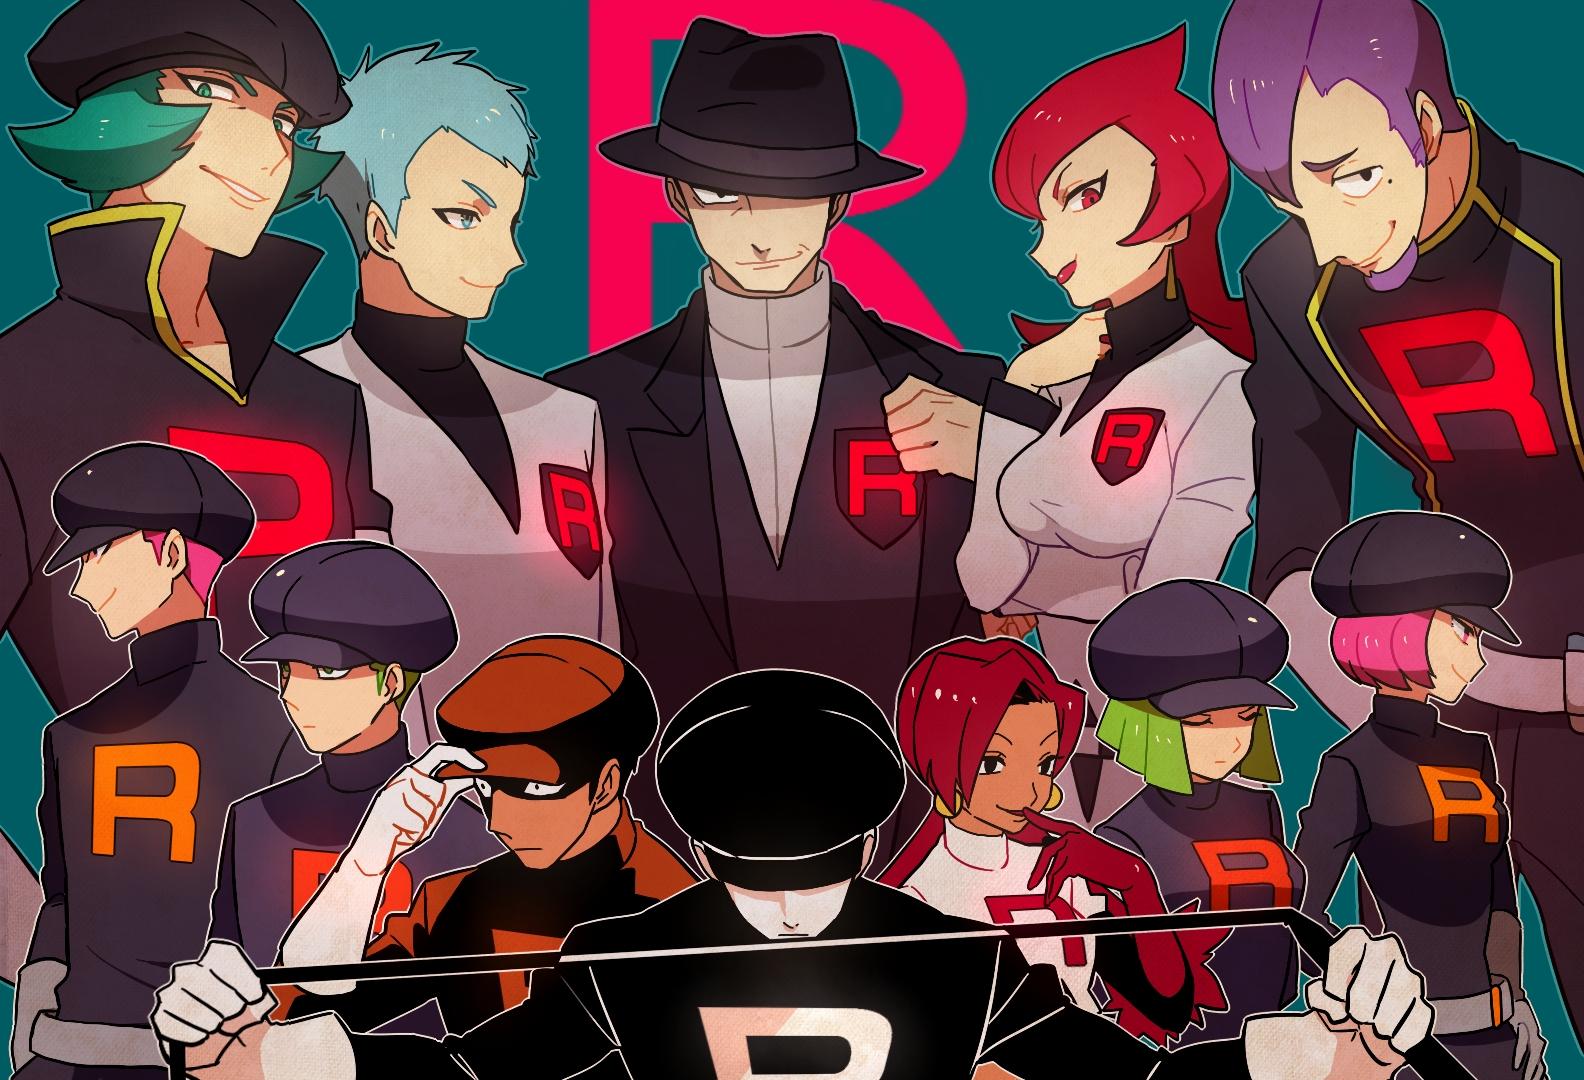 team rocket underling female pokémon zerochan anime image board